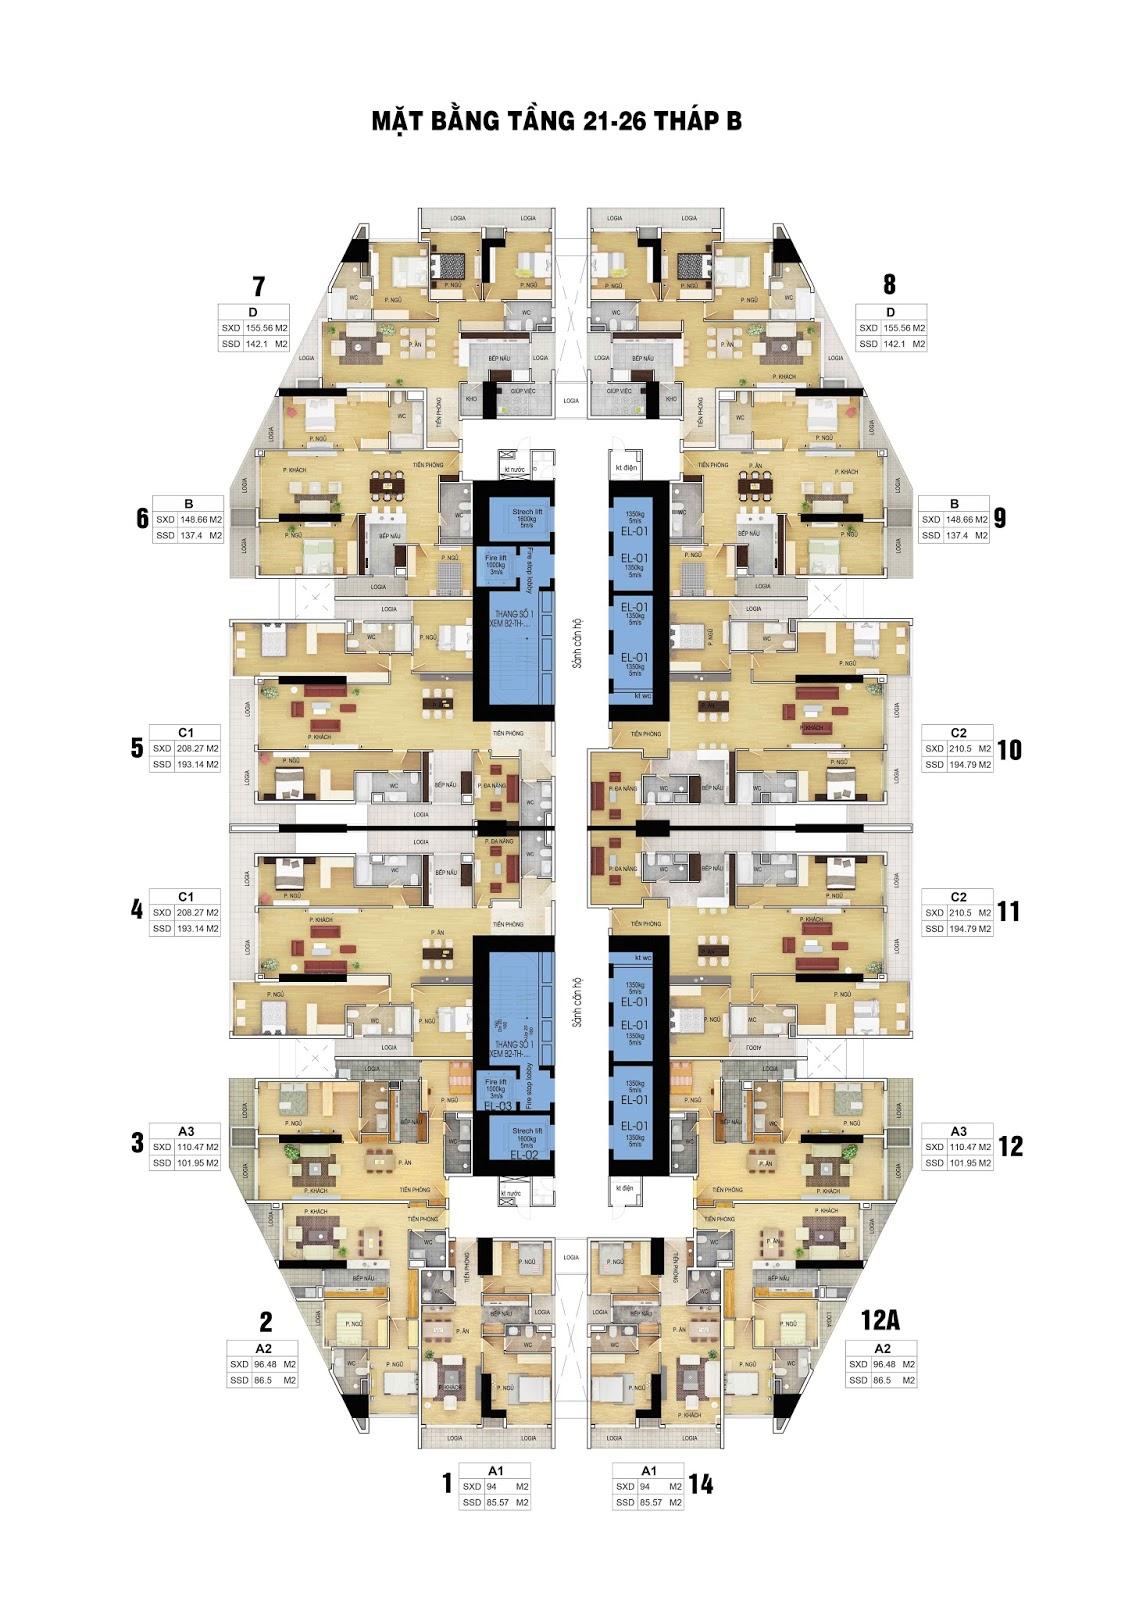 mặt bằng tầng 21-26 dự án discovery skyline 302 cầu giấy